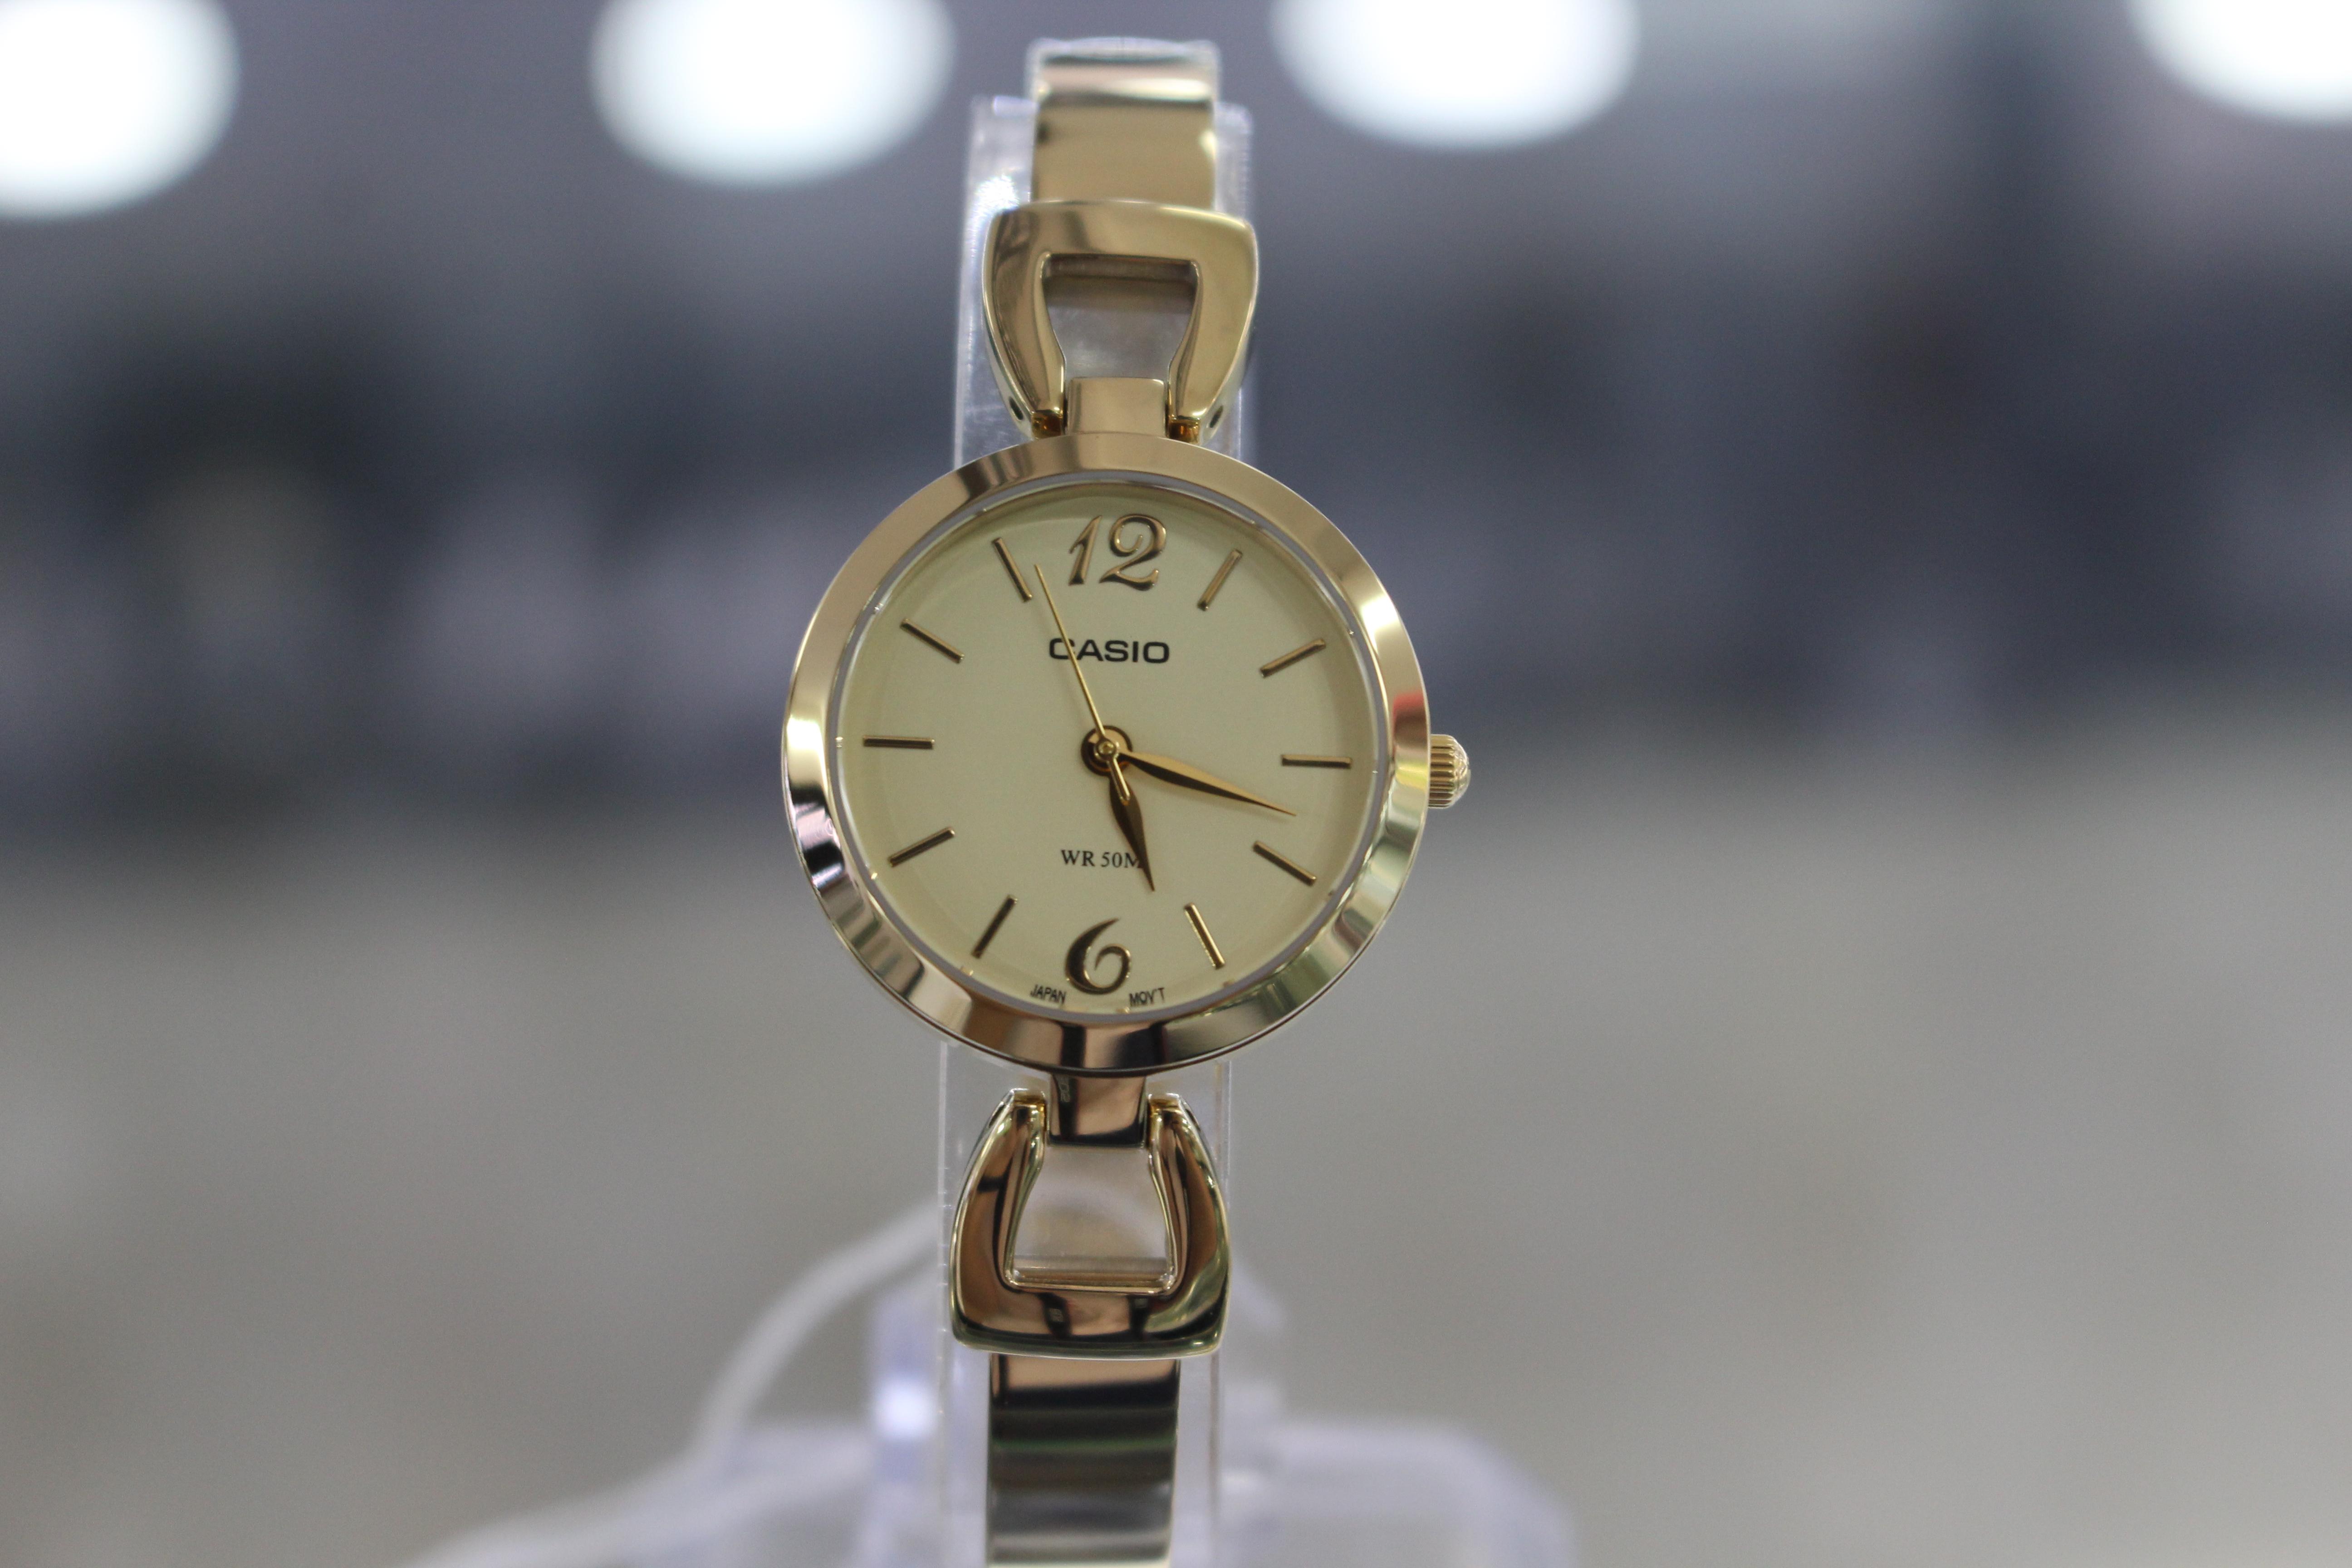 Đồng hồ Casio nữ LTP-E402G-9AVDF mạ vàng cho những cô nàng mệnh Hỏa